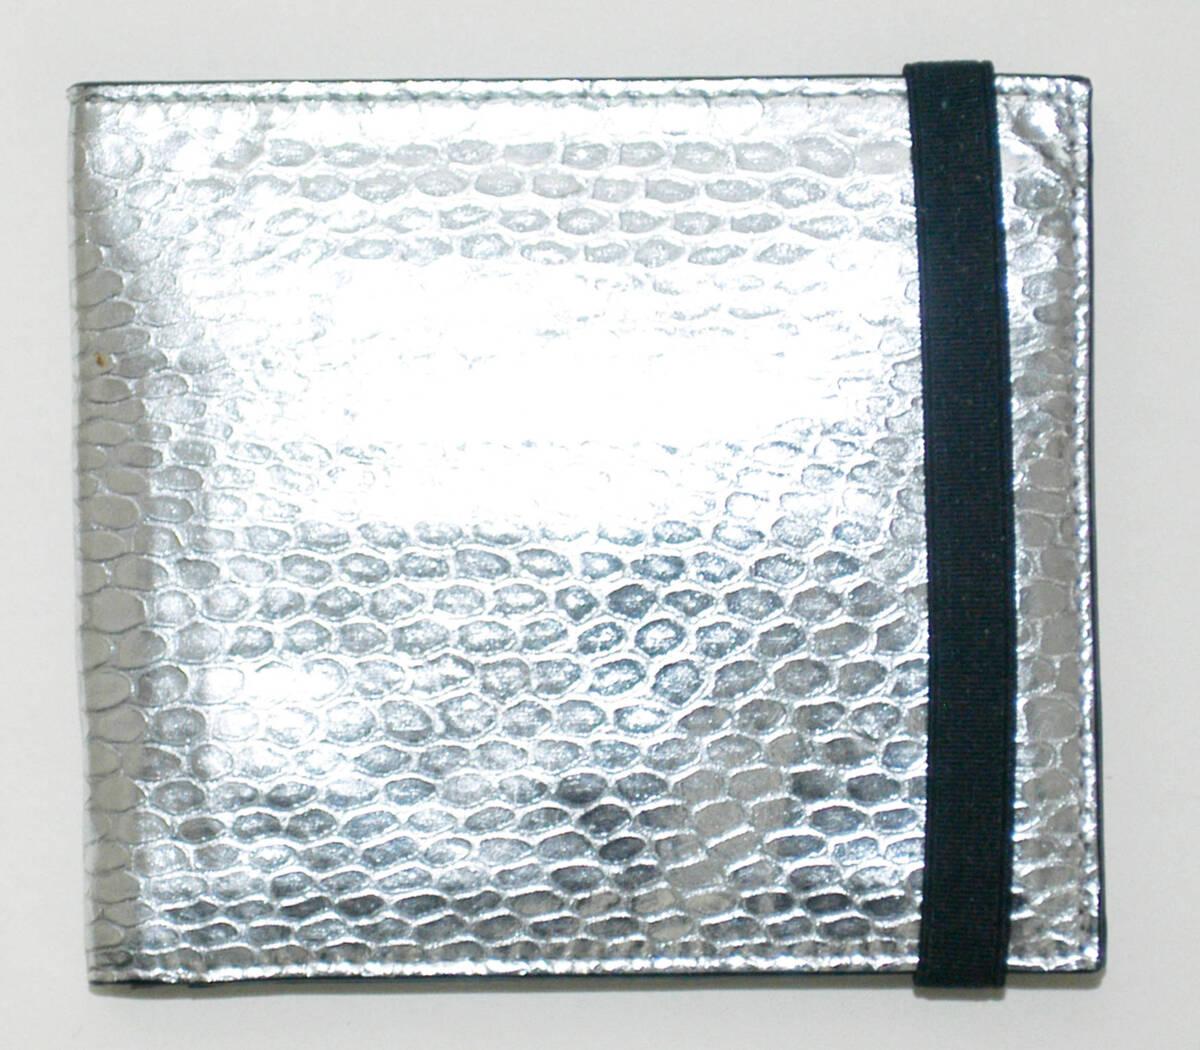 Portemonnaie - silber/schwarz (deskriptiver Titel) von Lang, Helmut